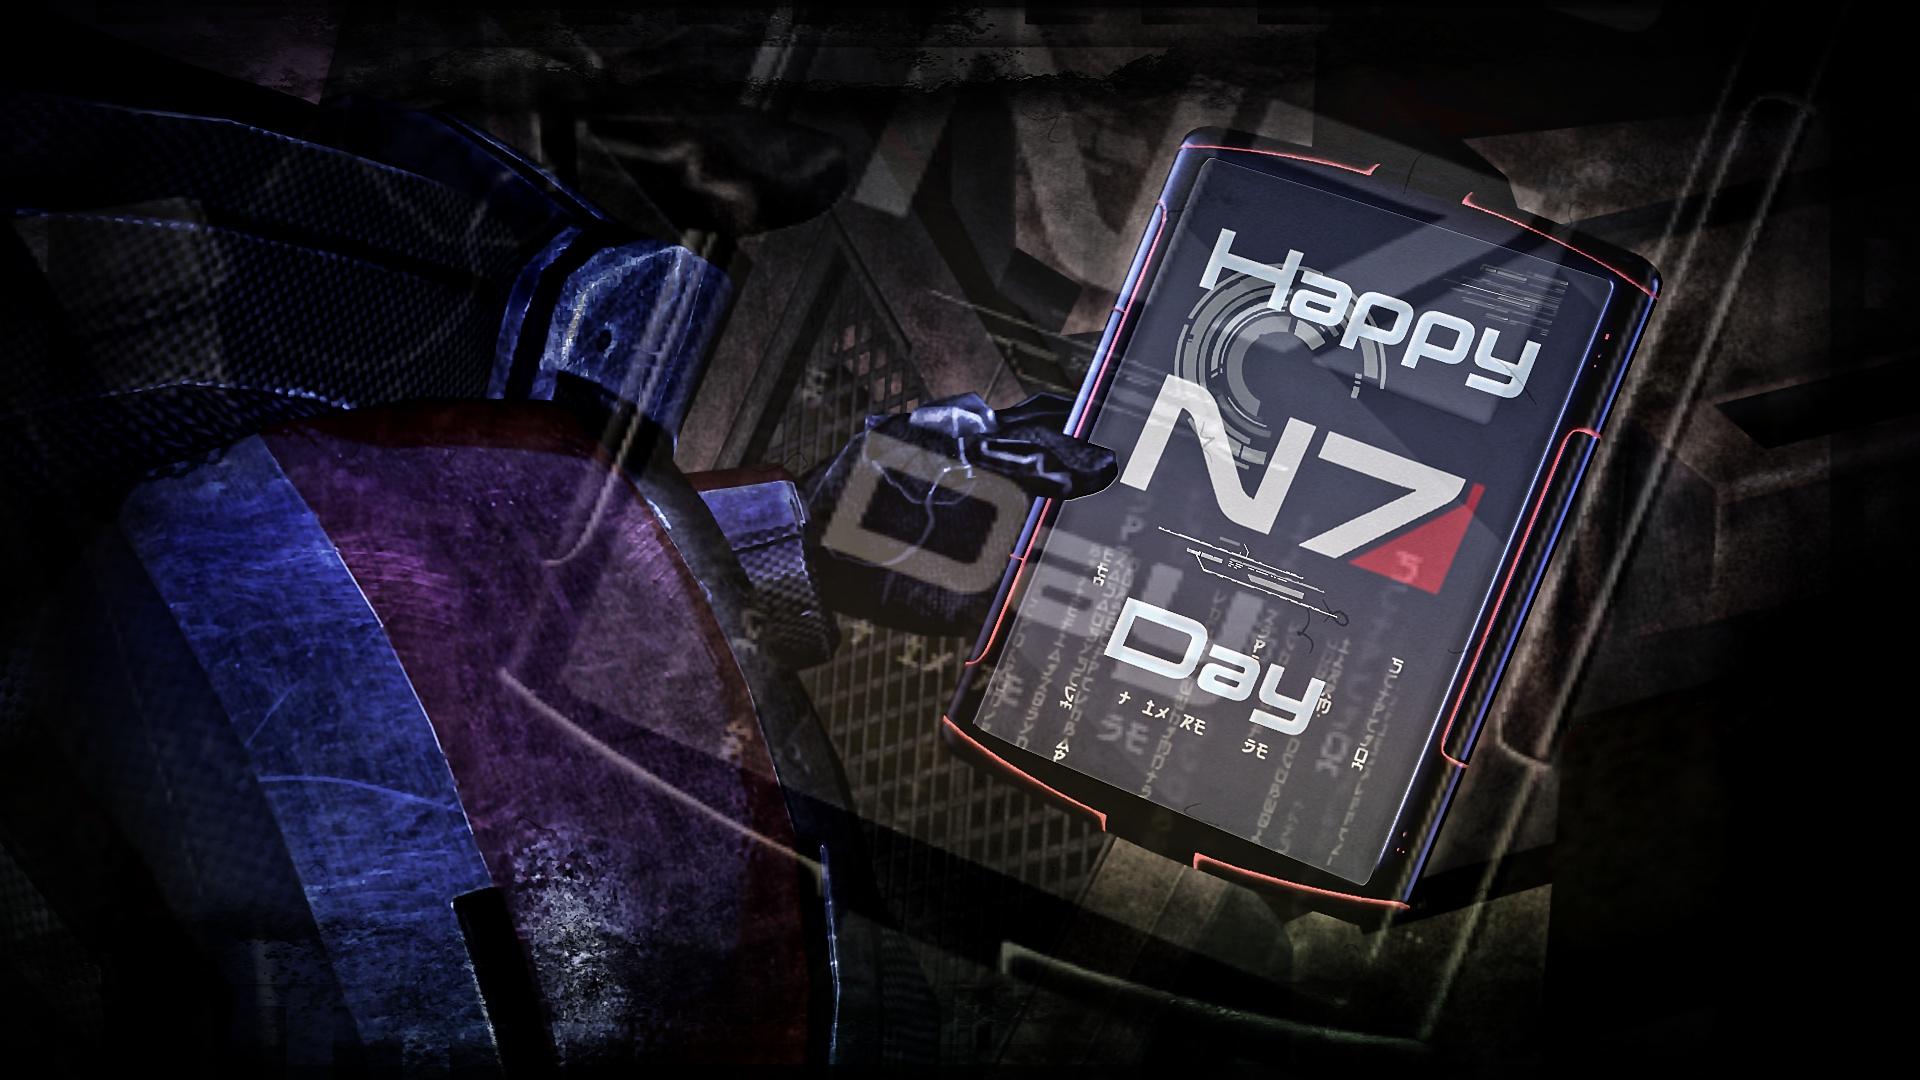 n7_day_by_dragonianfantasy-danpz4g.jpg